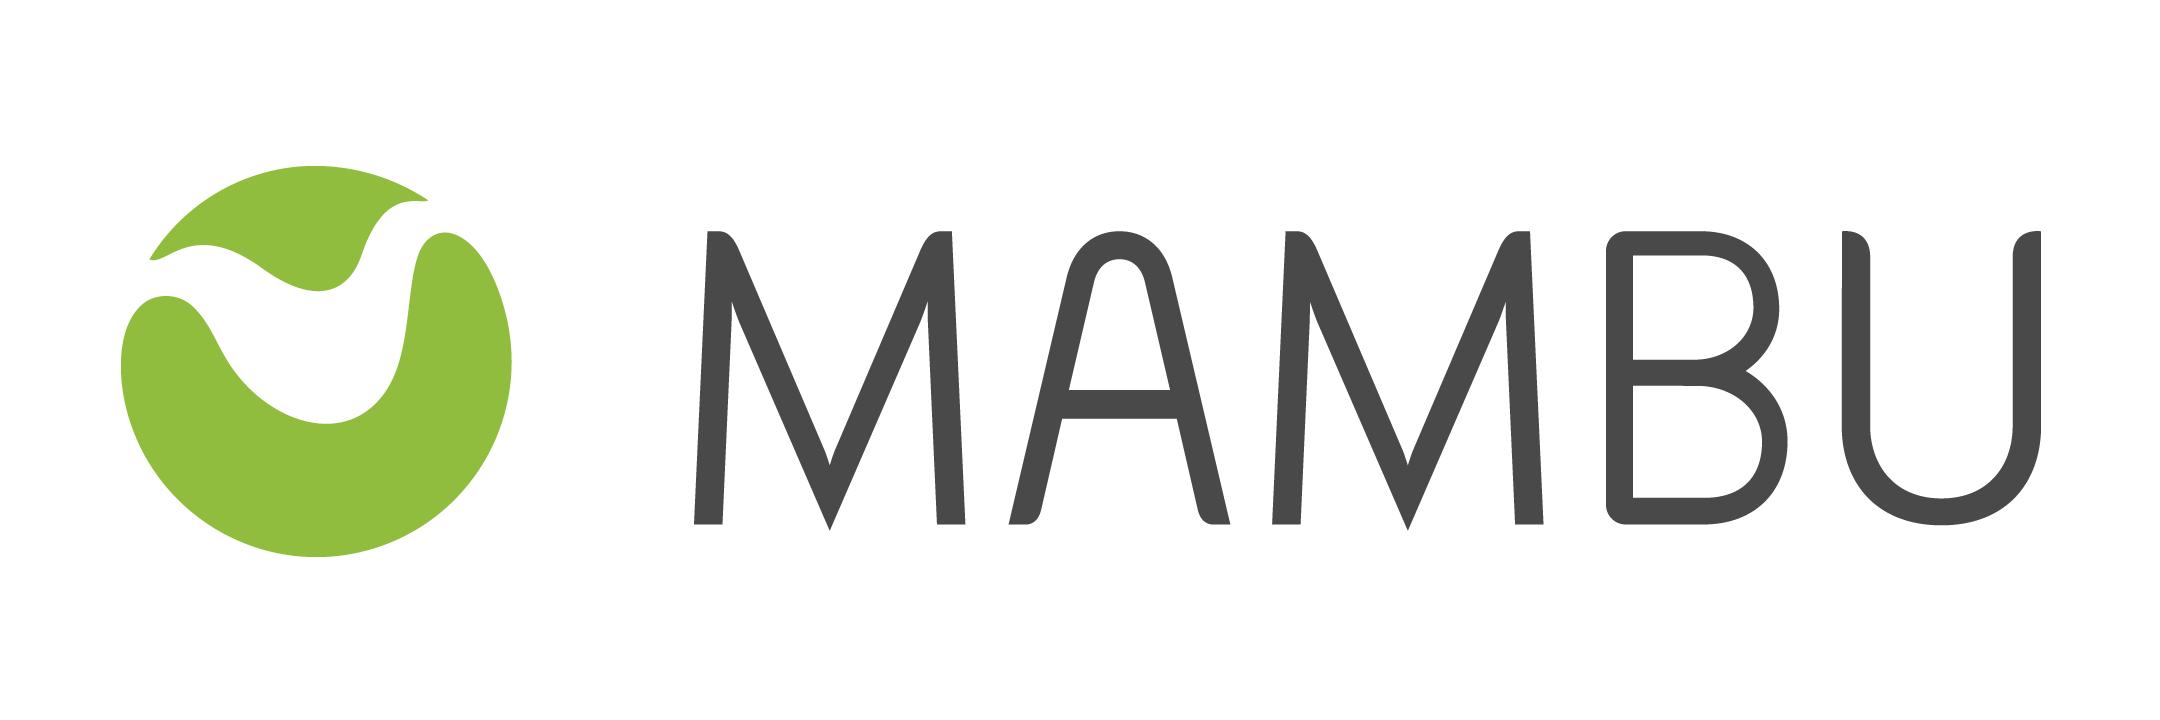 Mambu company logo